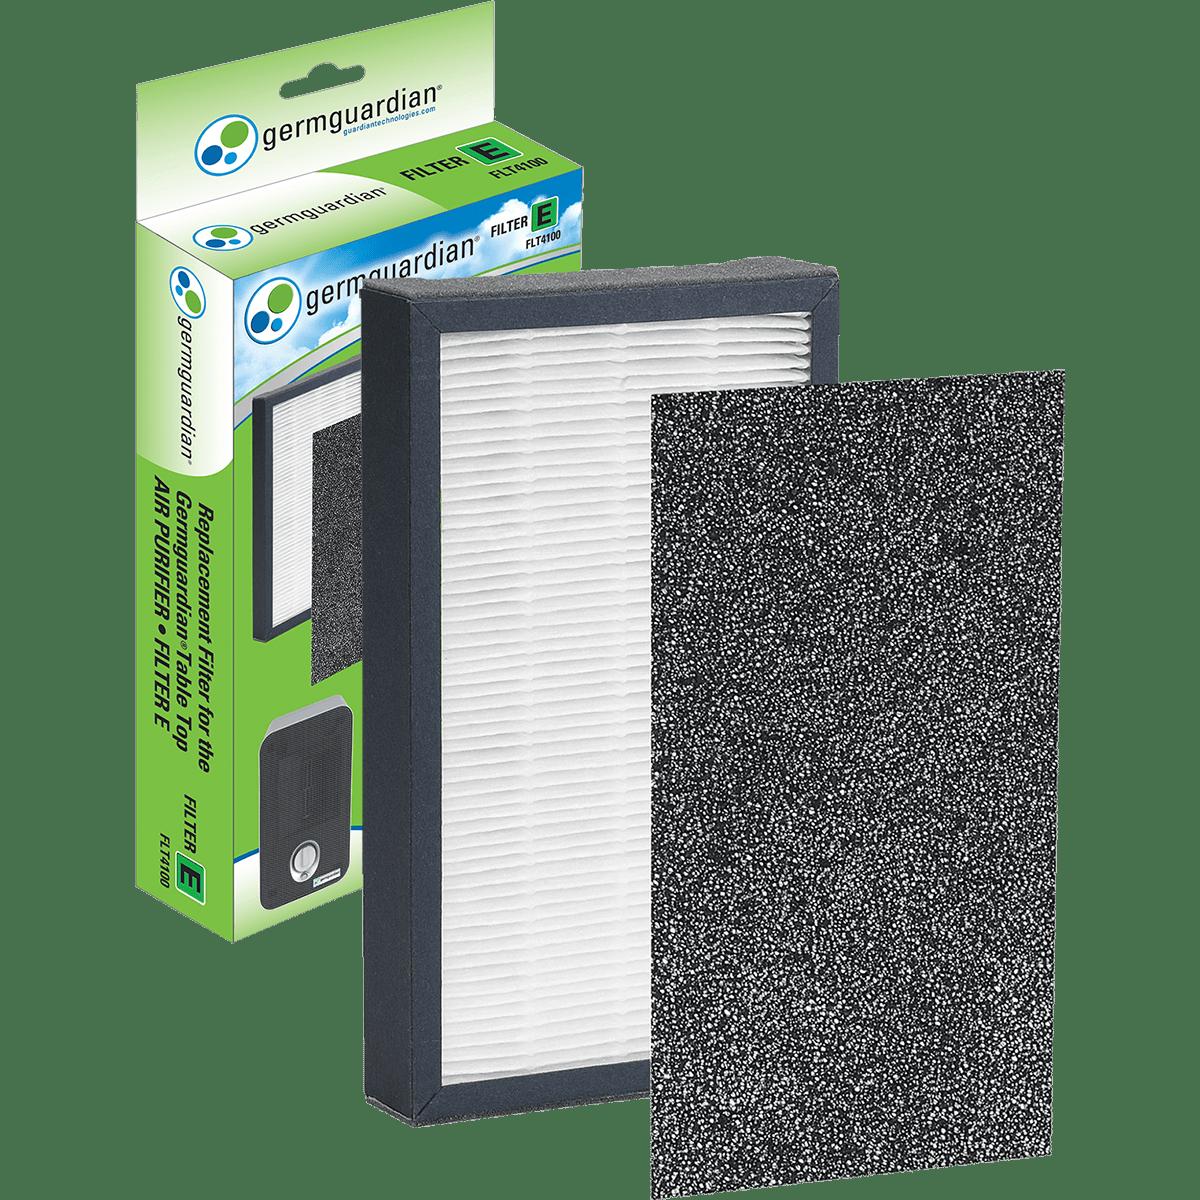 Germguardian Hepa Replacement Filter E Flt4100 Sylvane